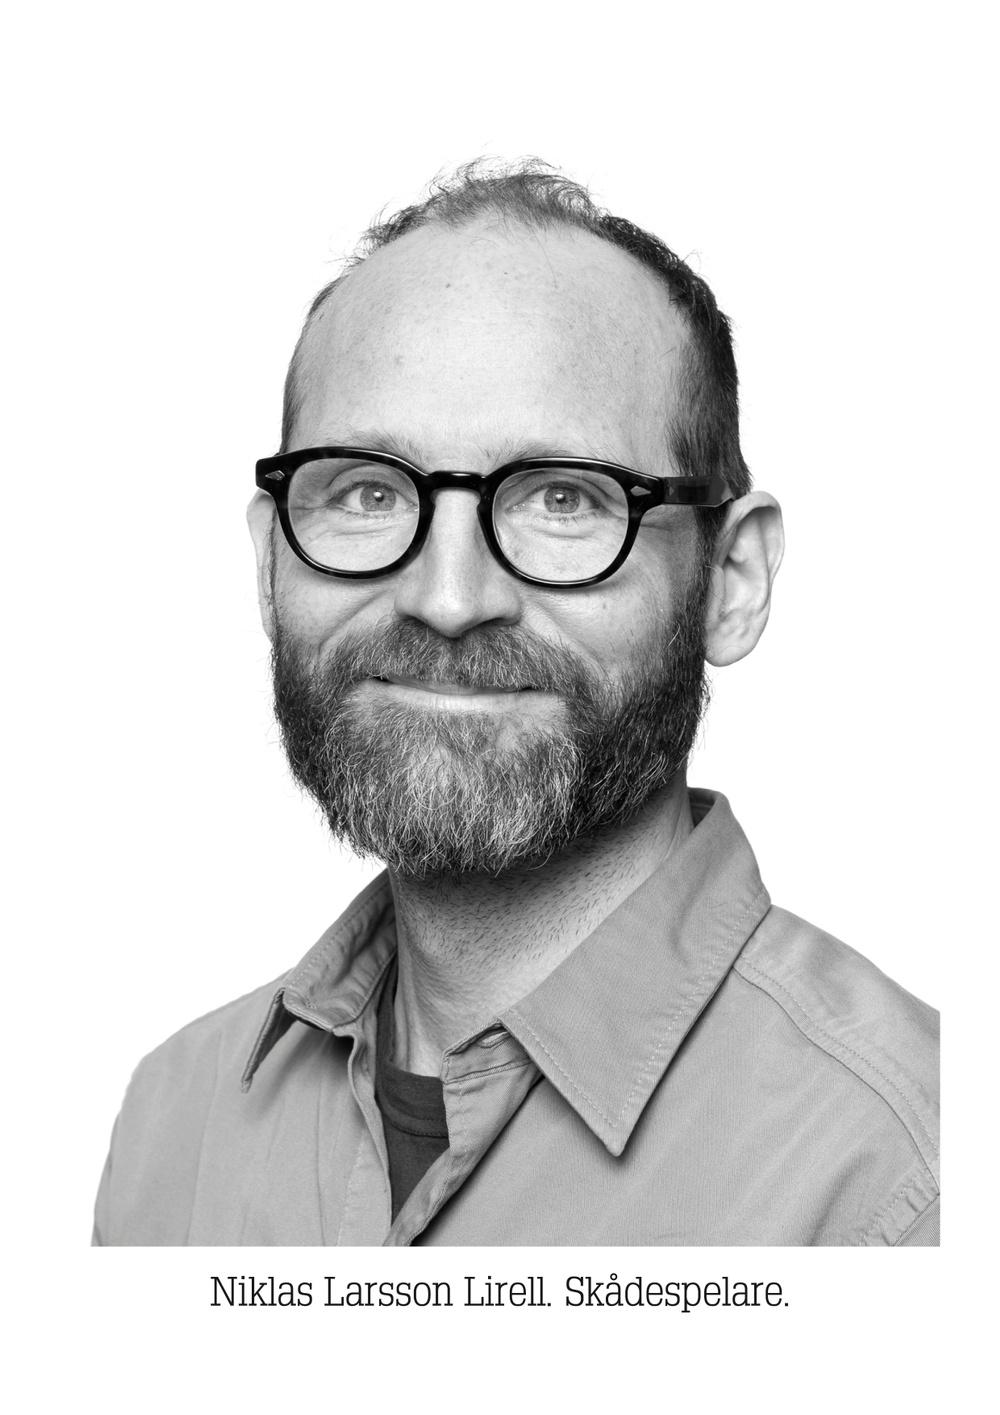 Niklas Lirell Larsson, skådespelare på UngHästen/Västerbottensteatern. Foto: Patrick Degerman.